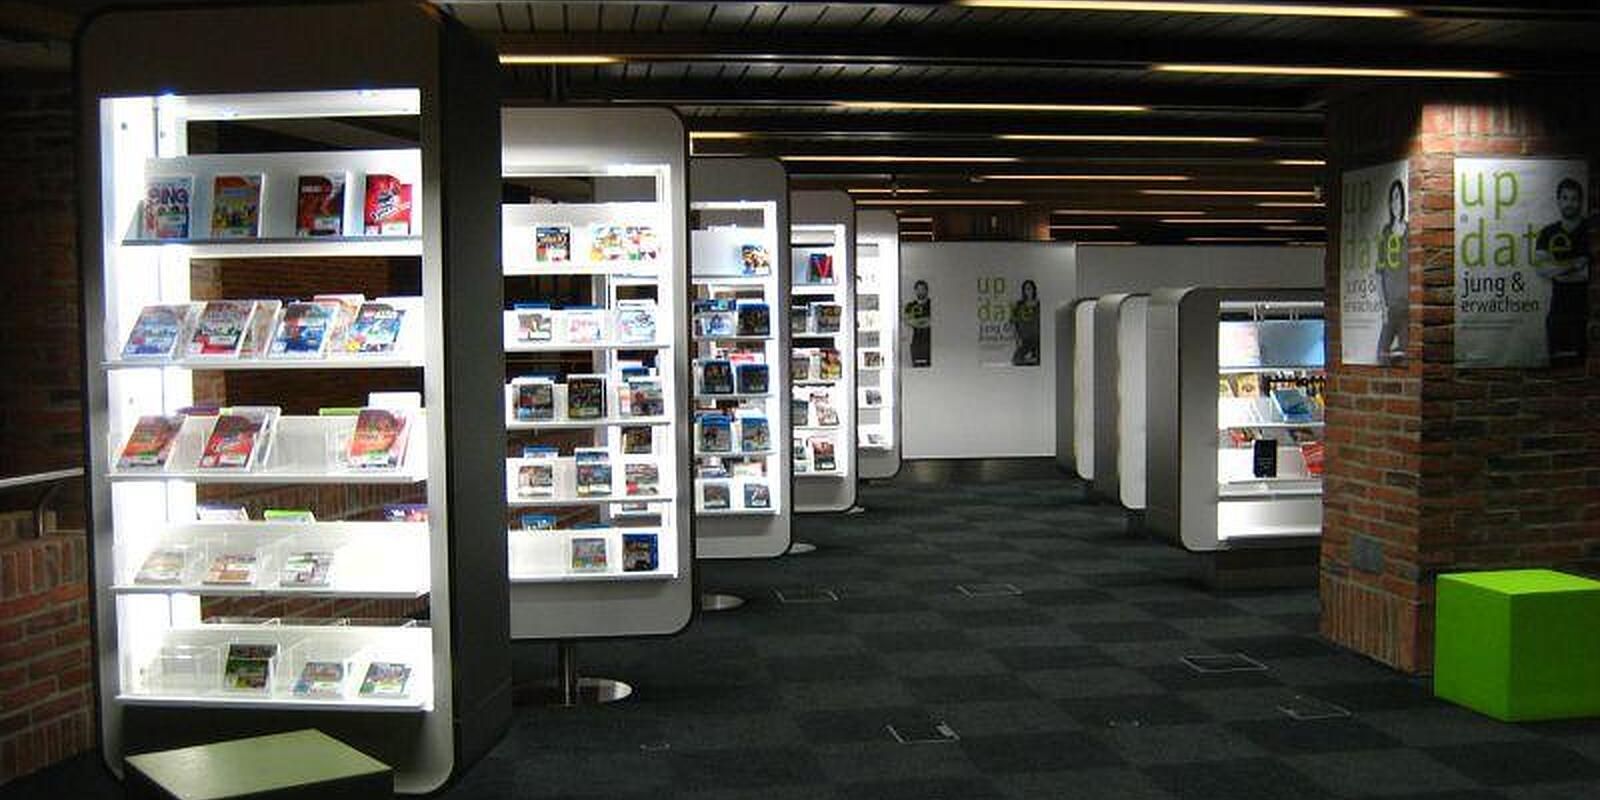 zentralbibliothek am gasteig rosenheimer str haidhausen m nchen stadtbibliothek gasteig. Black Bedroom Furniture Sets. Home Design Ideas